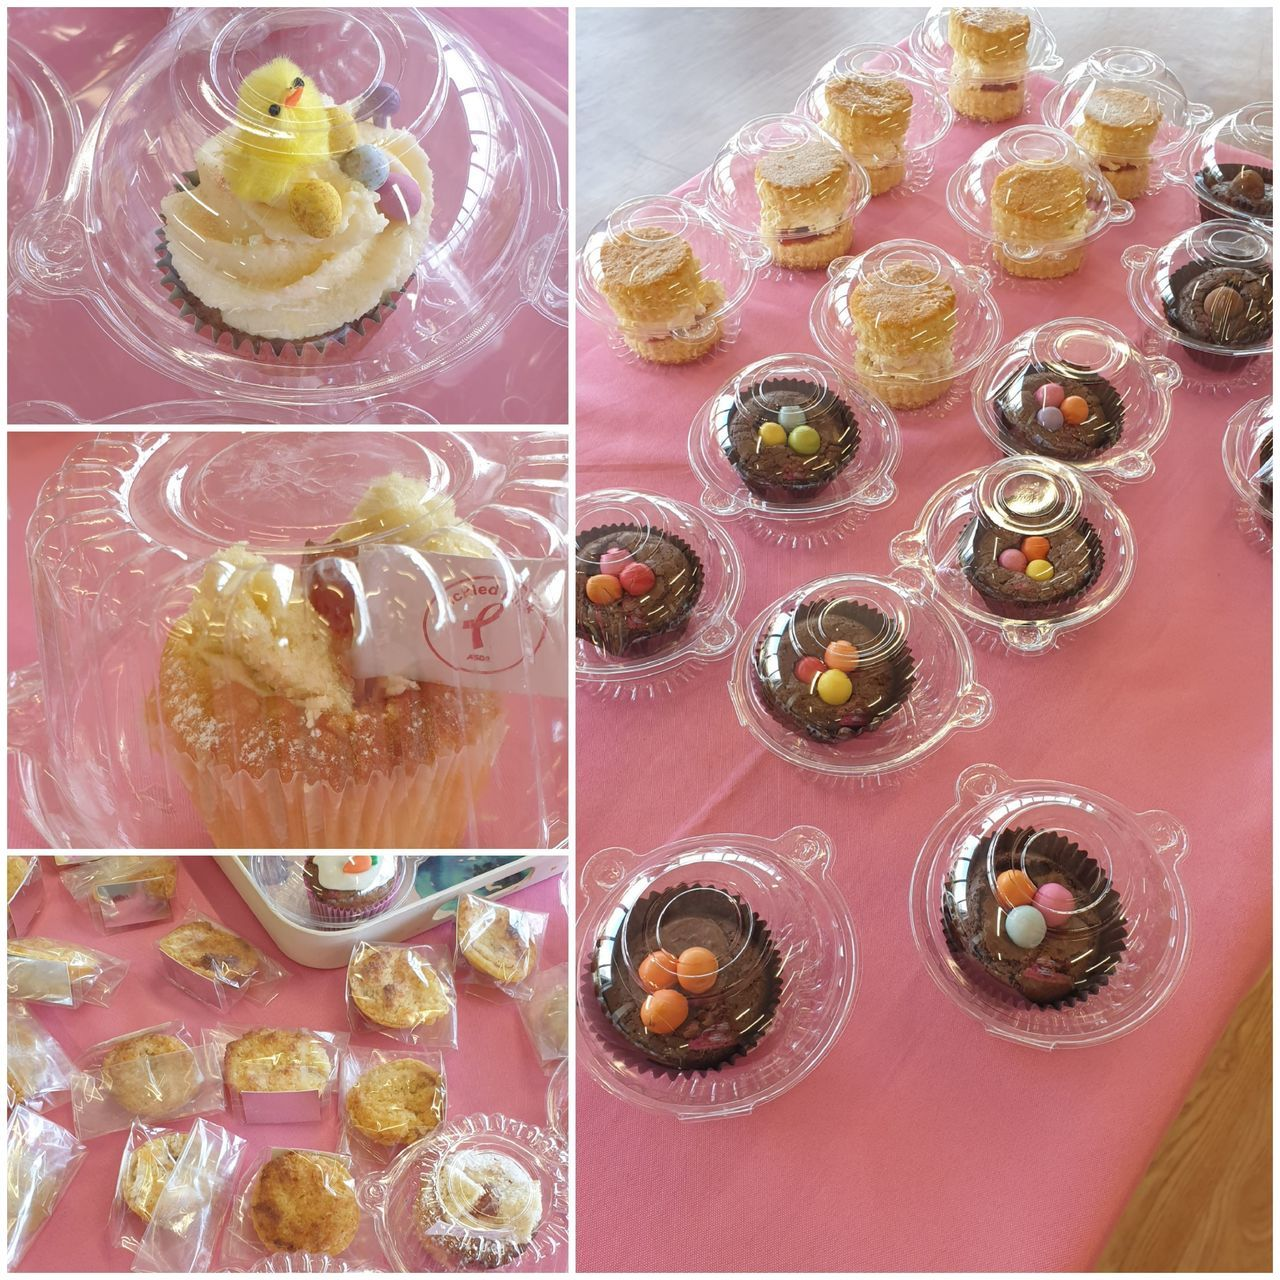 Tickled Pink cake sale | Asda Sutton in Ashfield